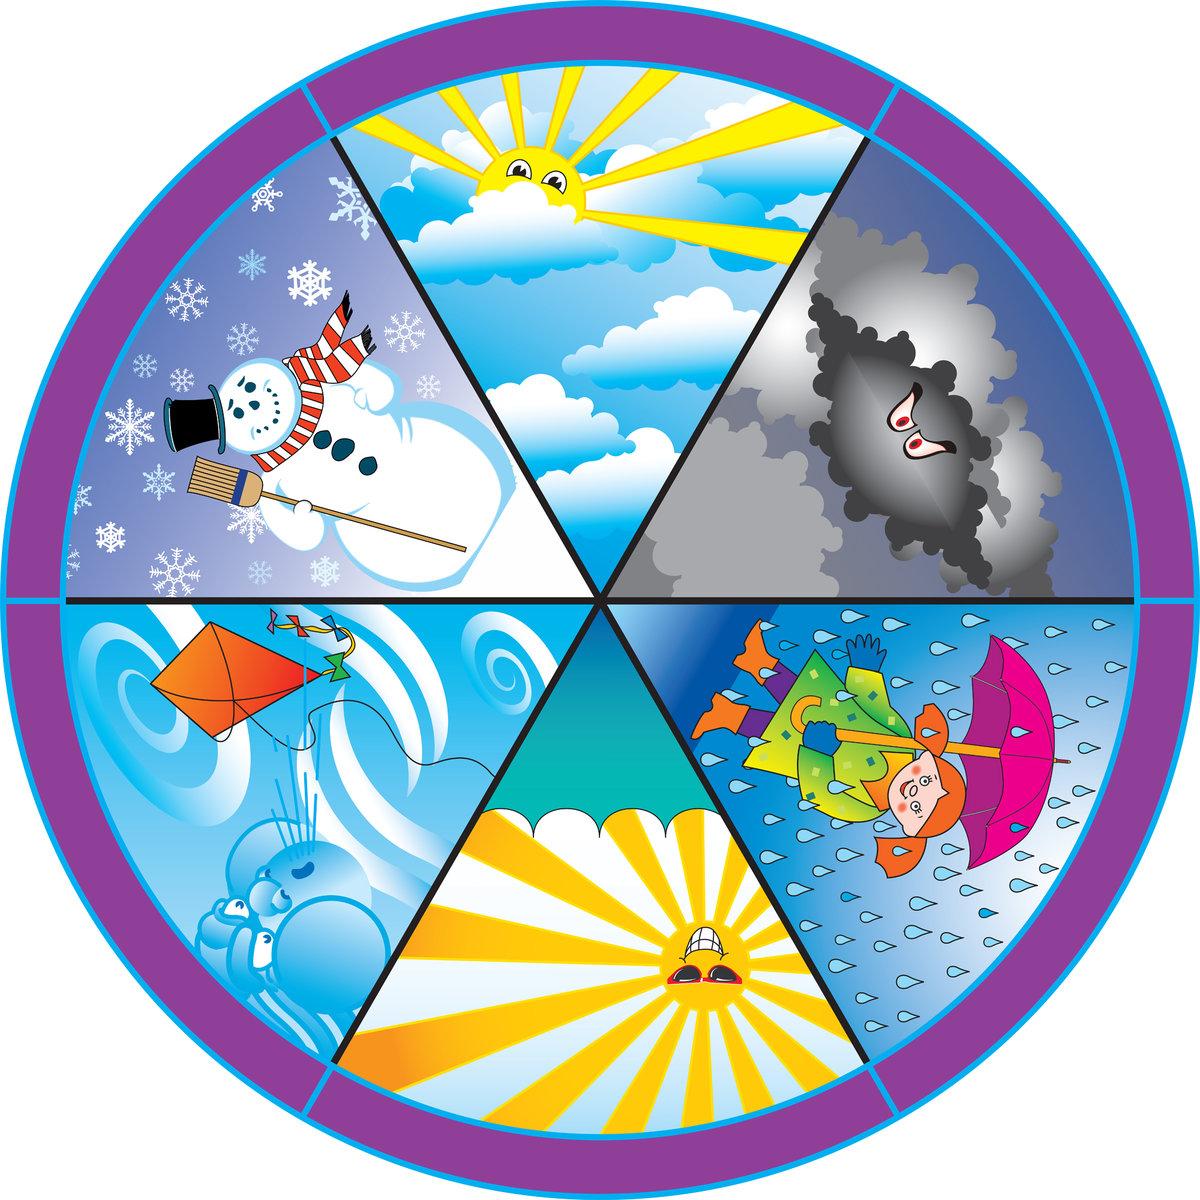 Сделать, картинка времена года для детей в форме круга